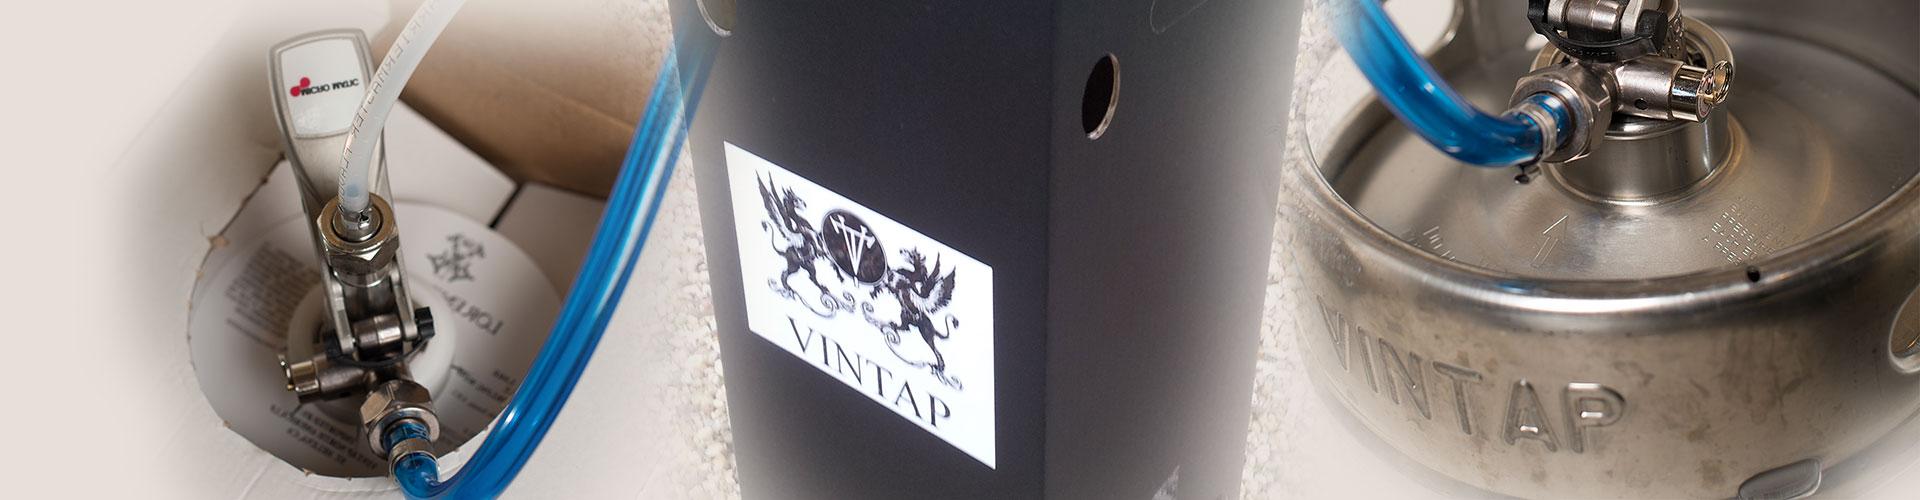 vintap keg wine